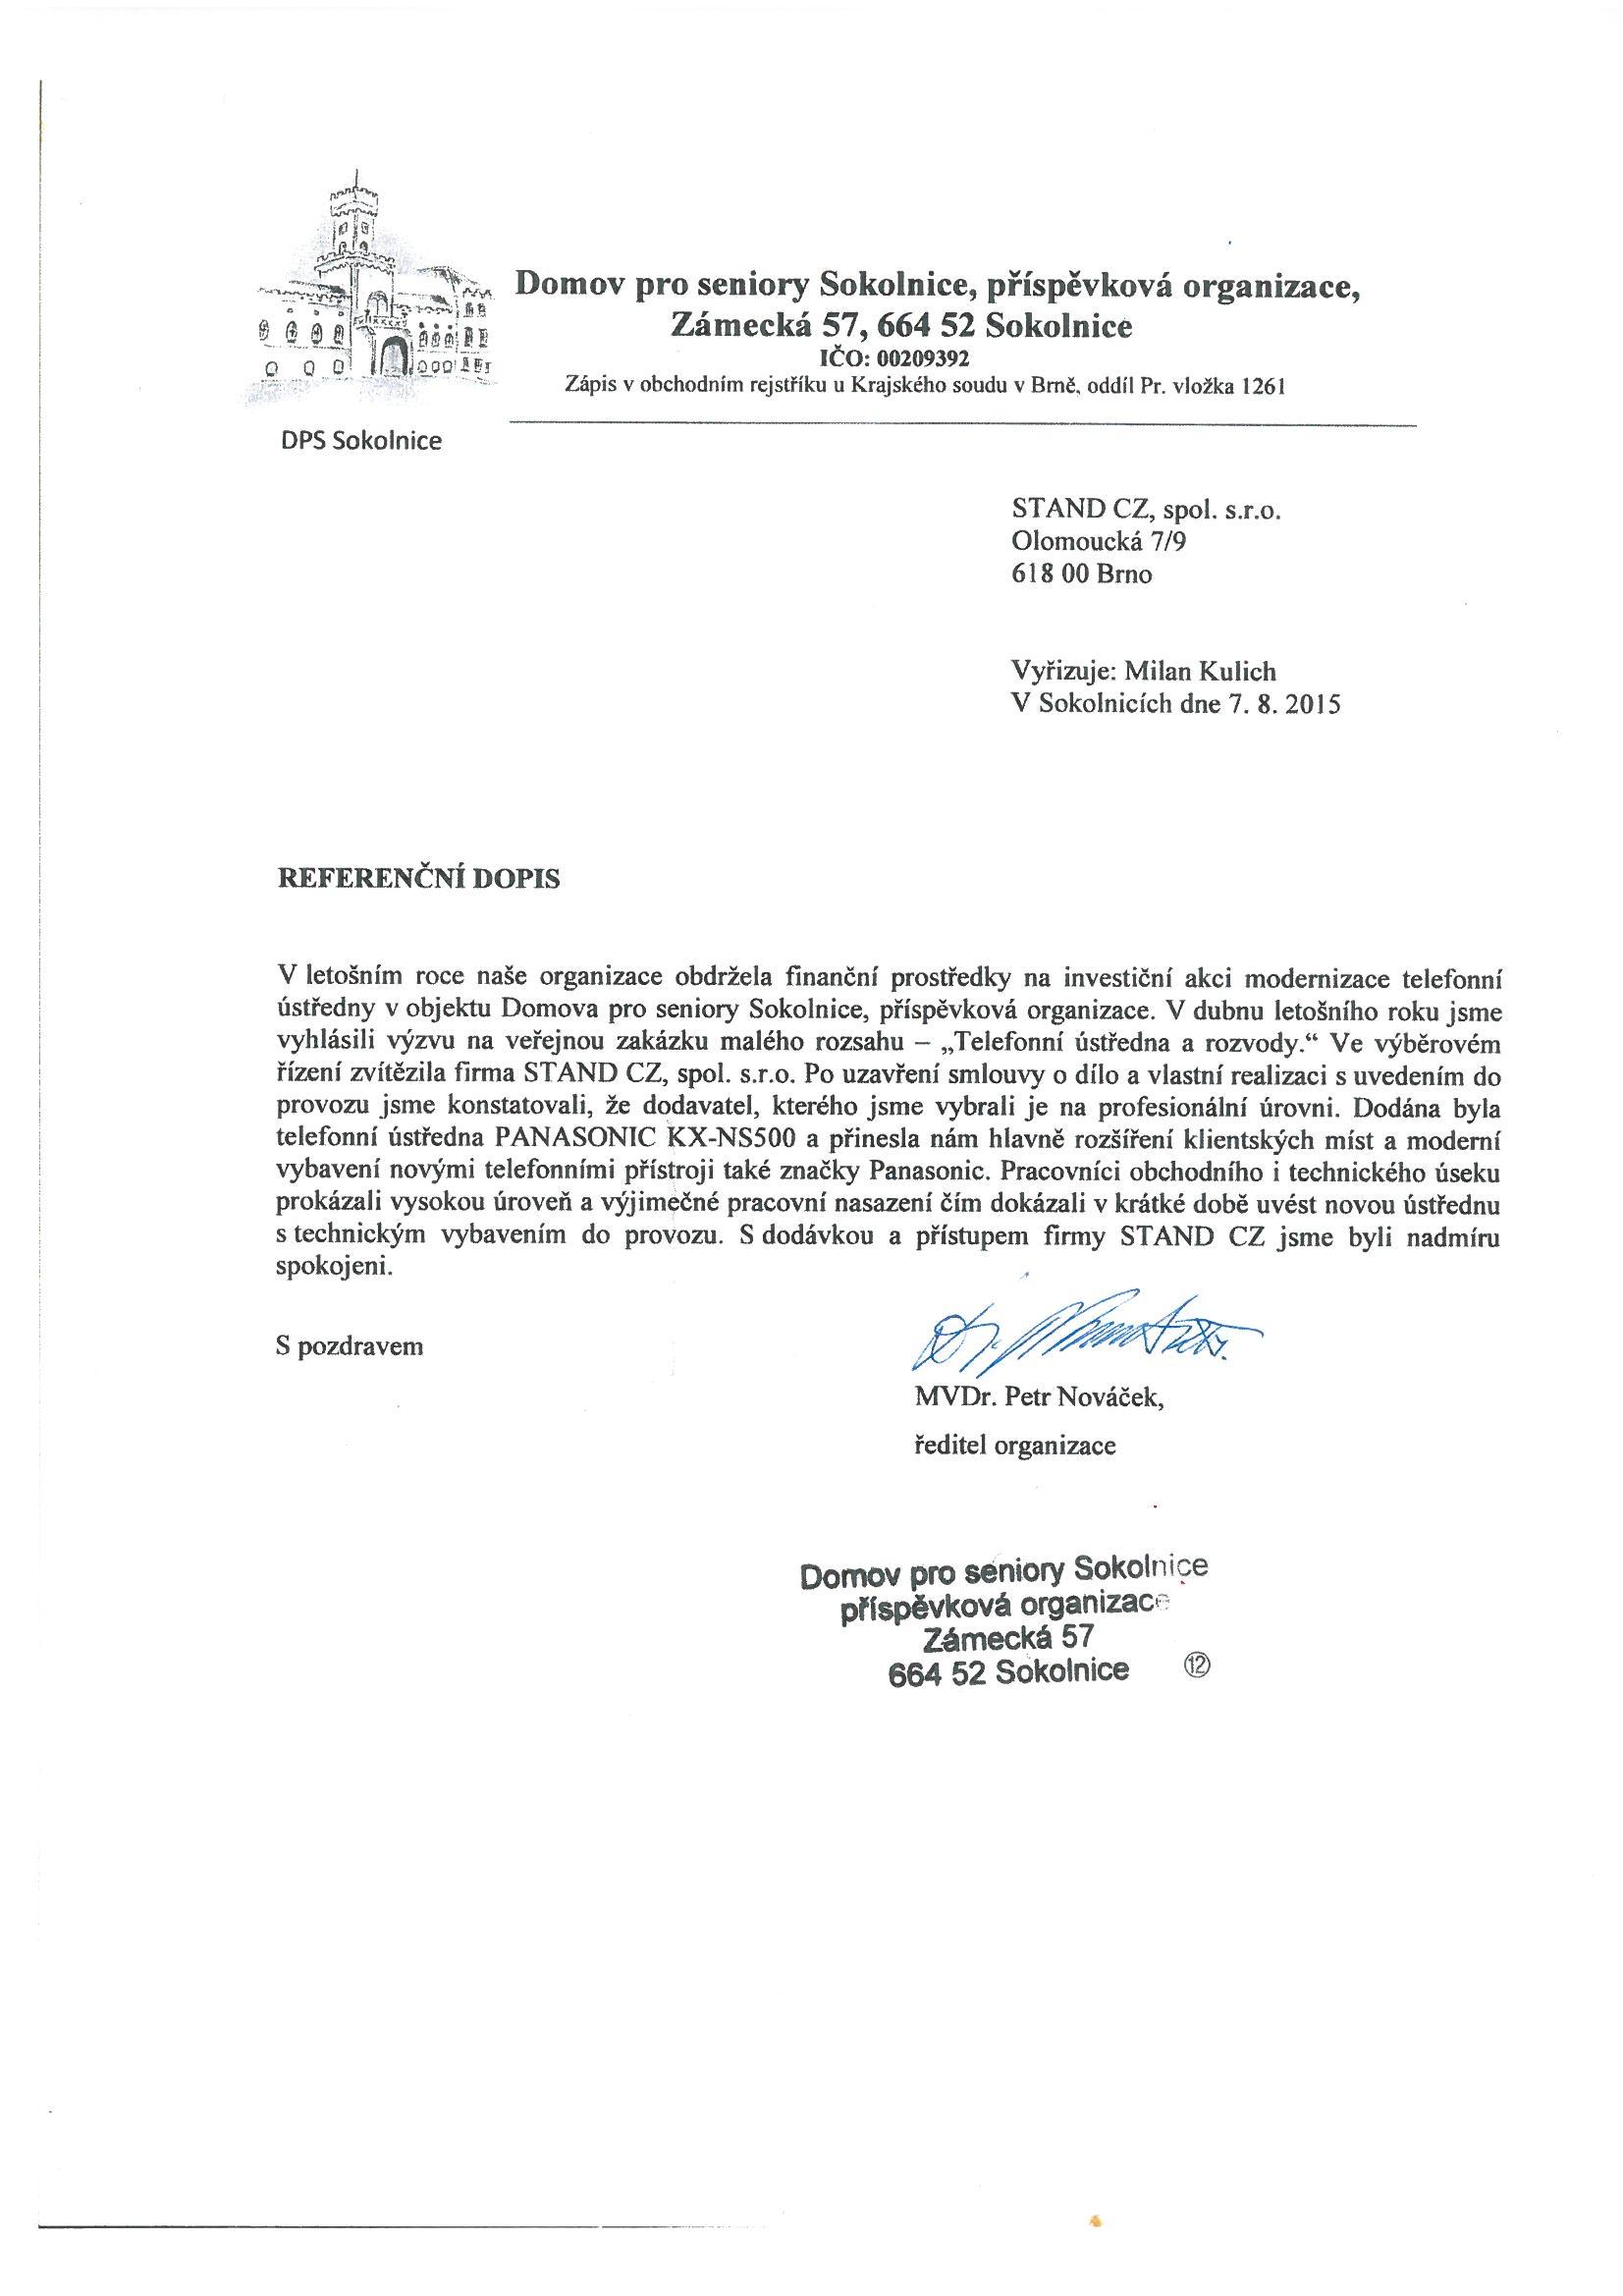 Domov pro seniory Sokolnice - referenční dopis